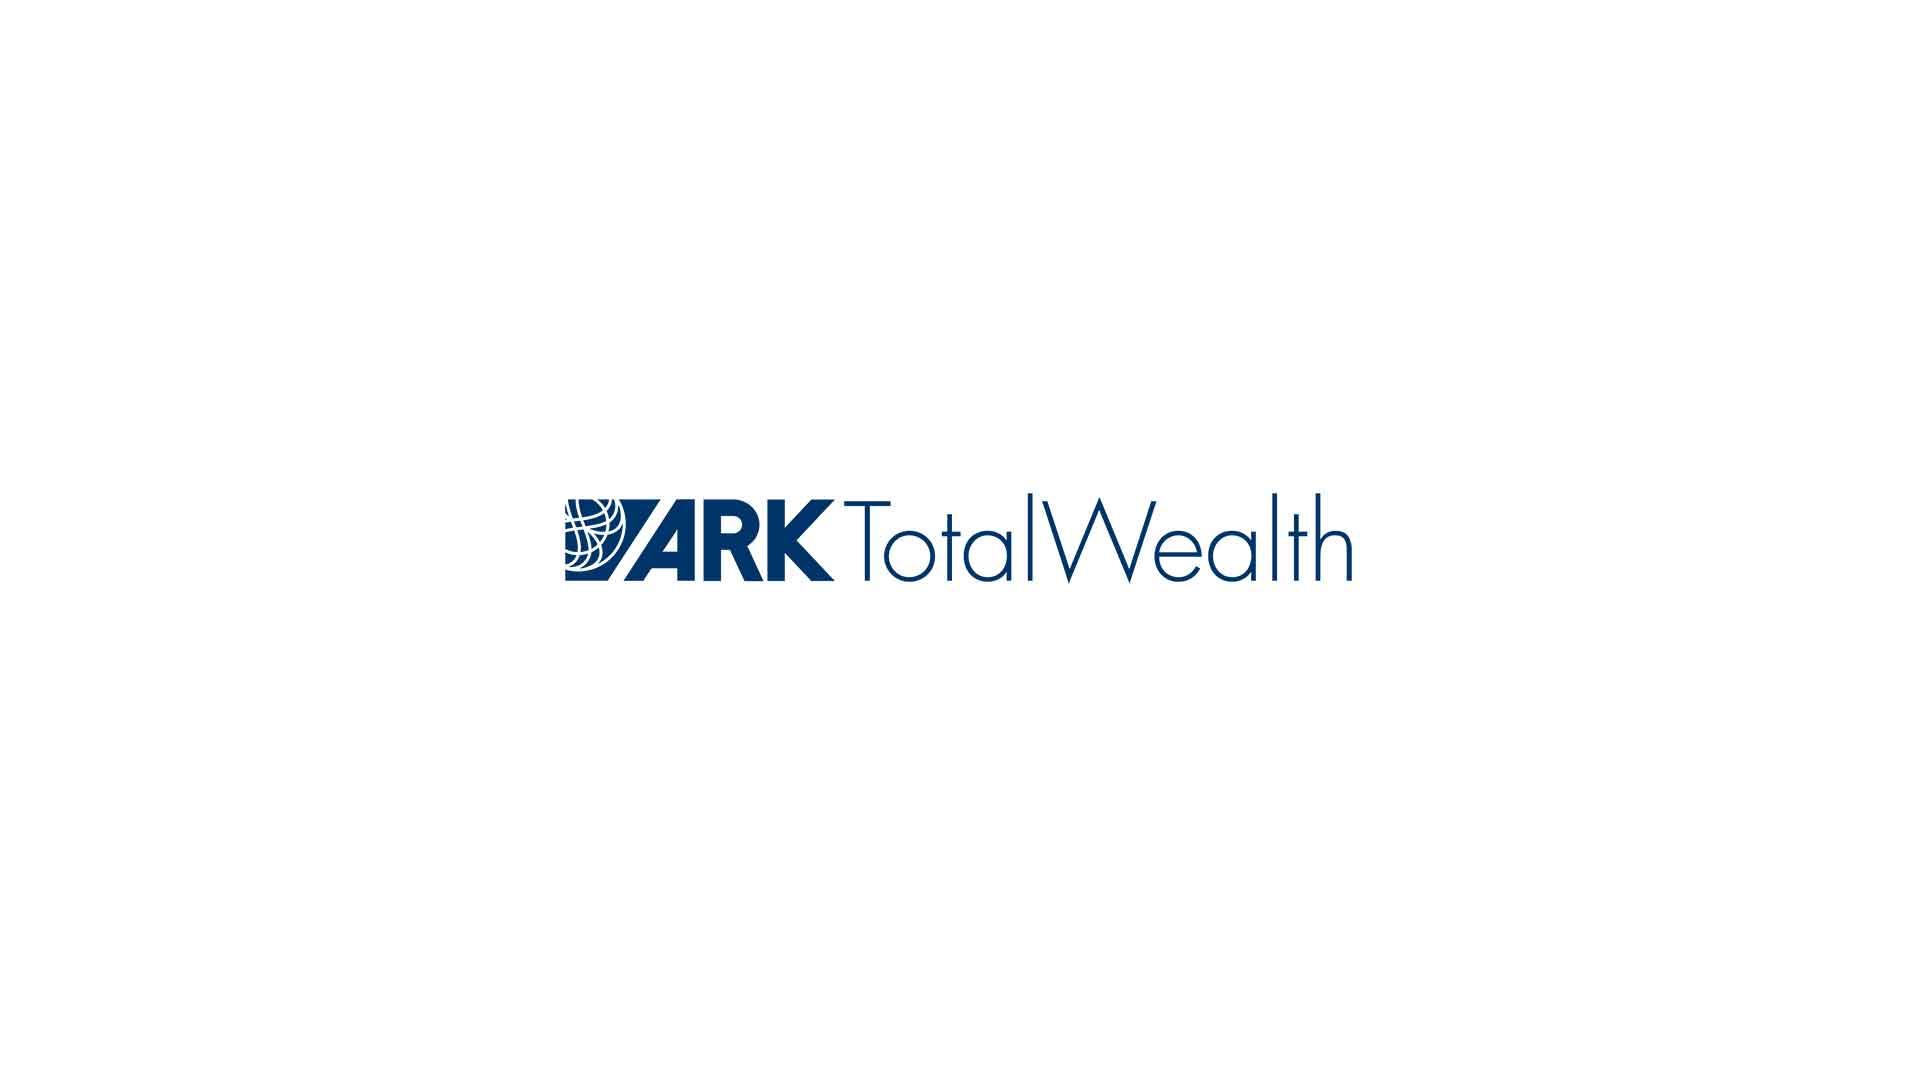 ark-default-title-bar-2